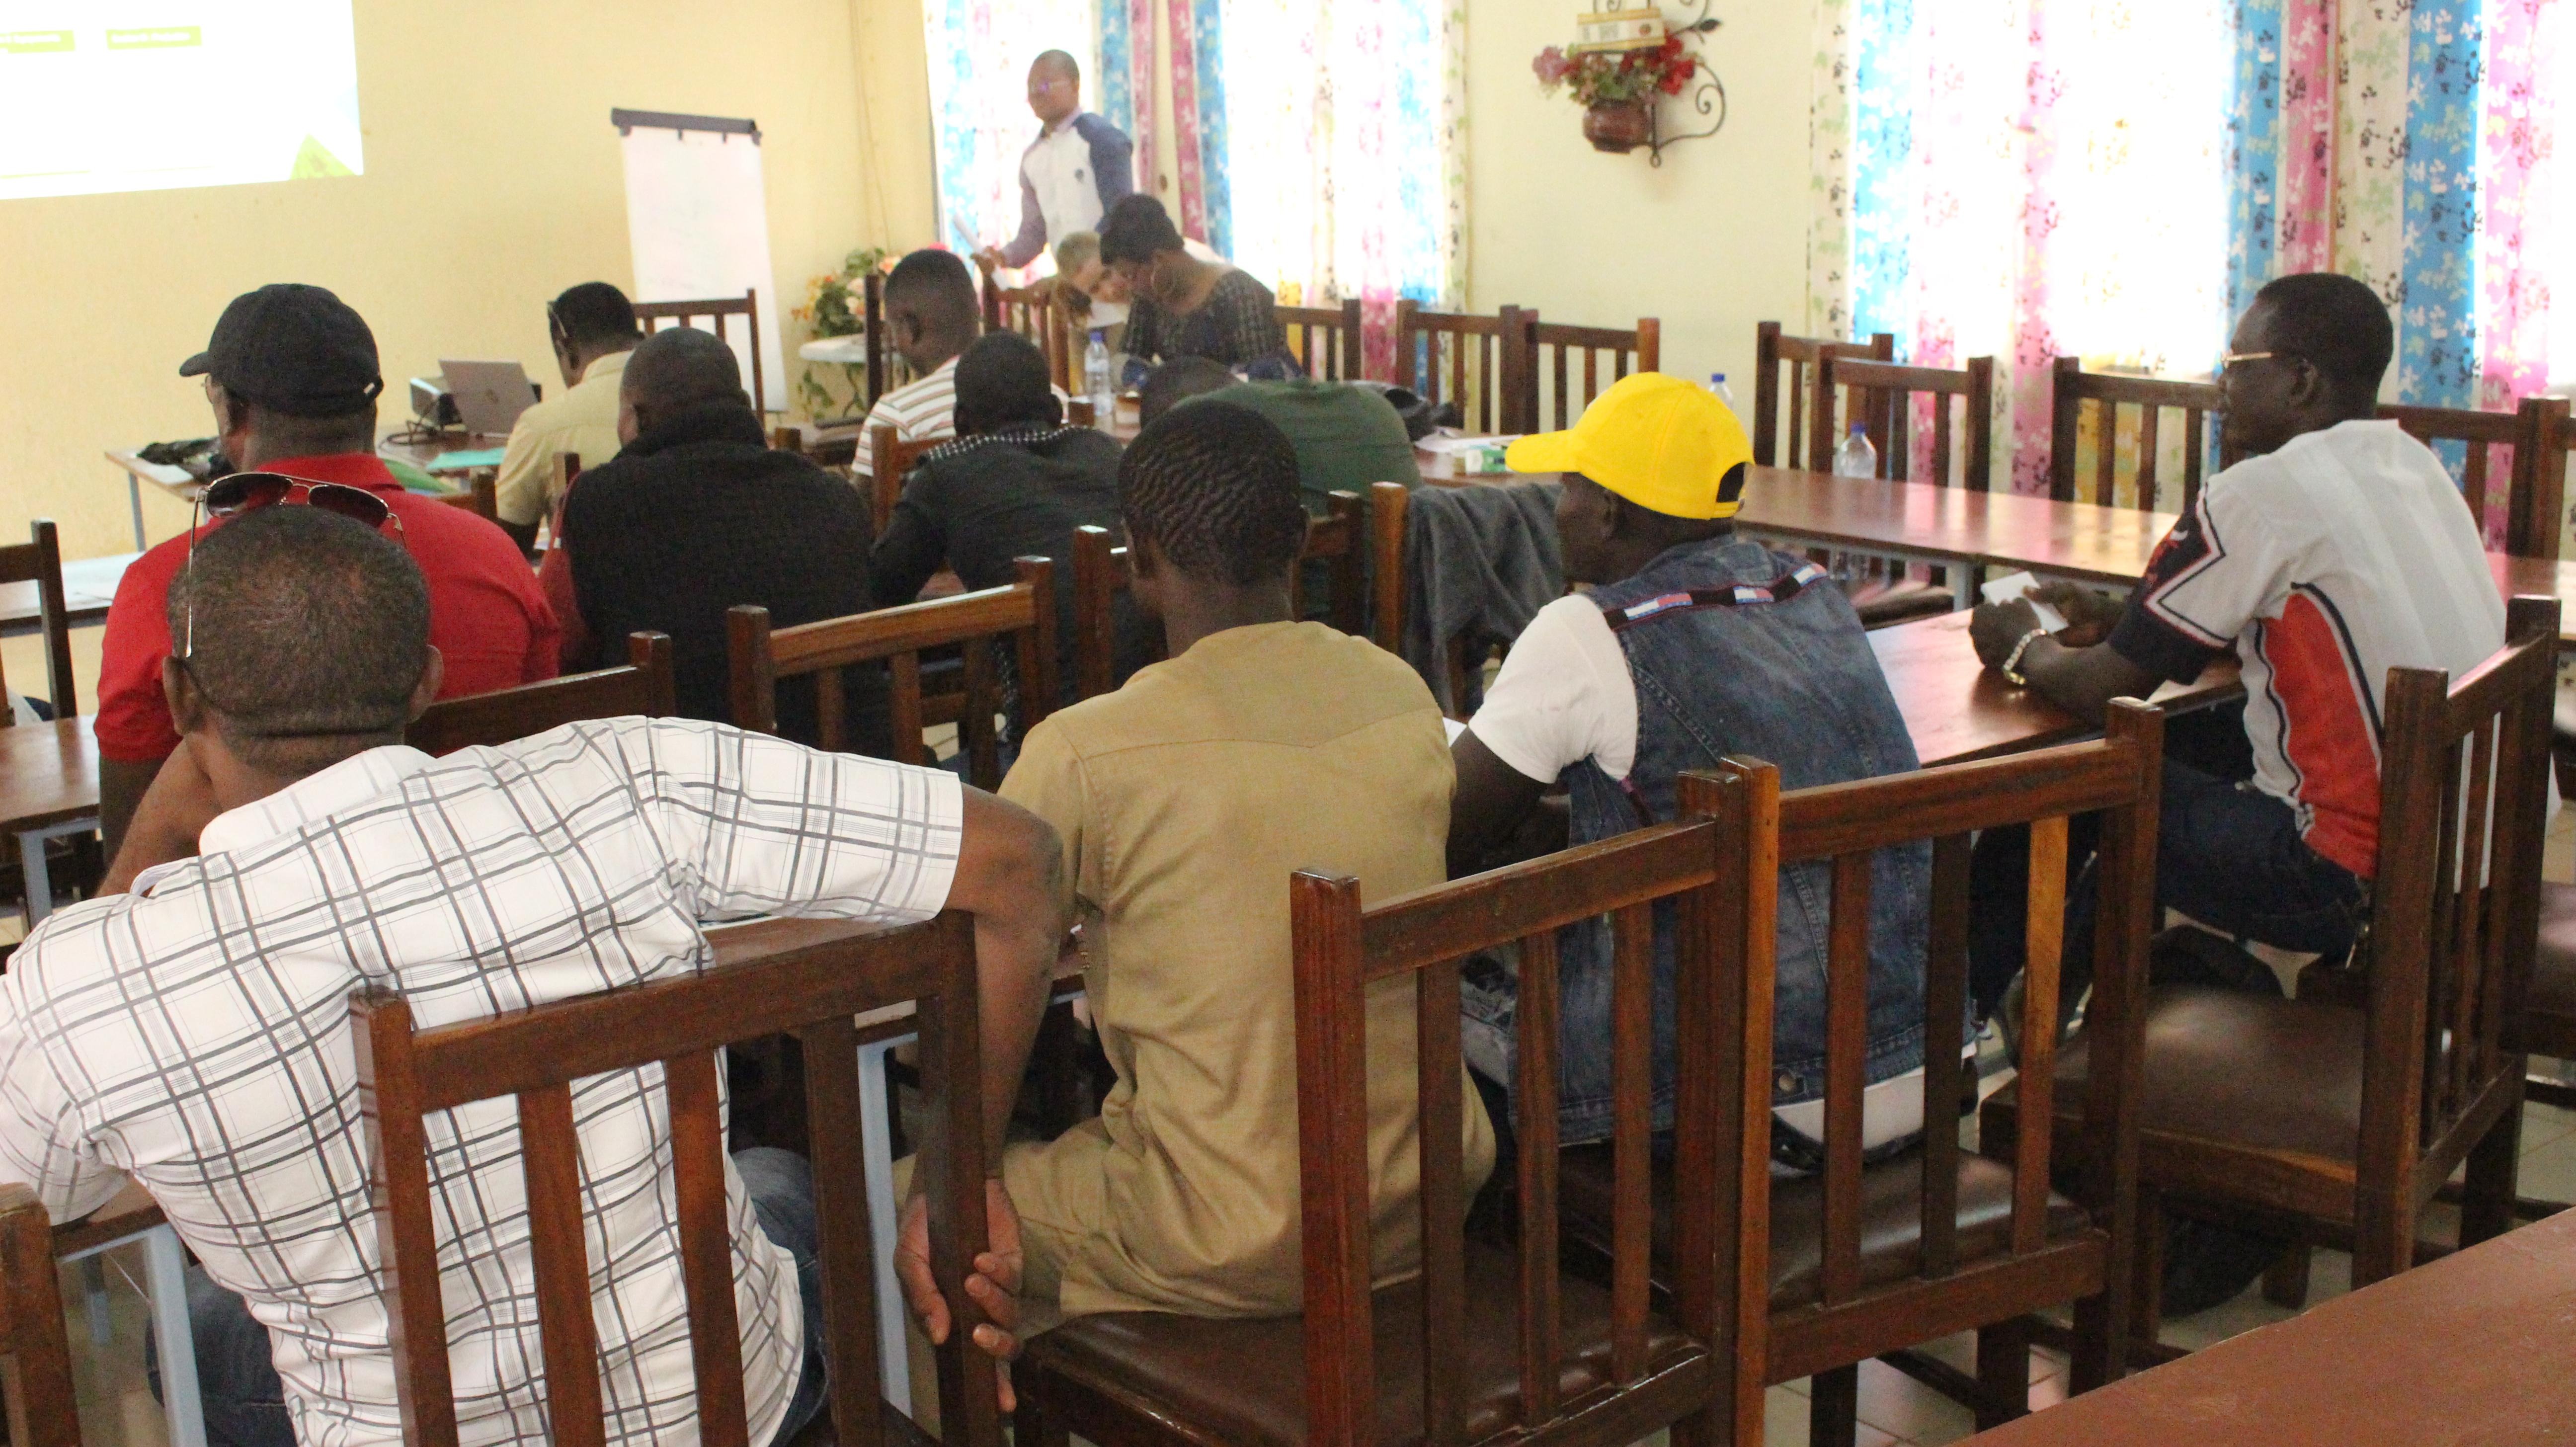 Participantes del taller escuchando la presentación